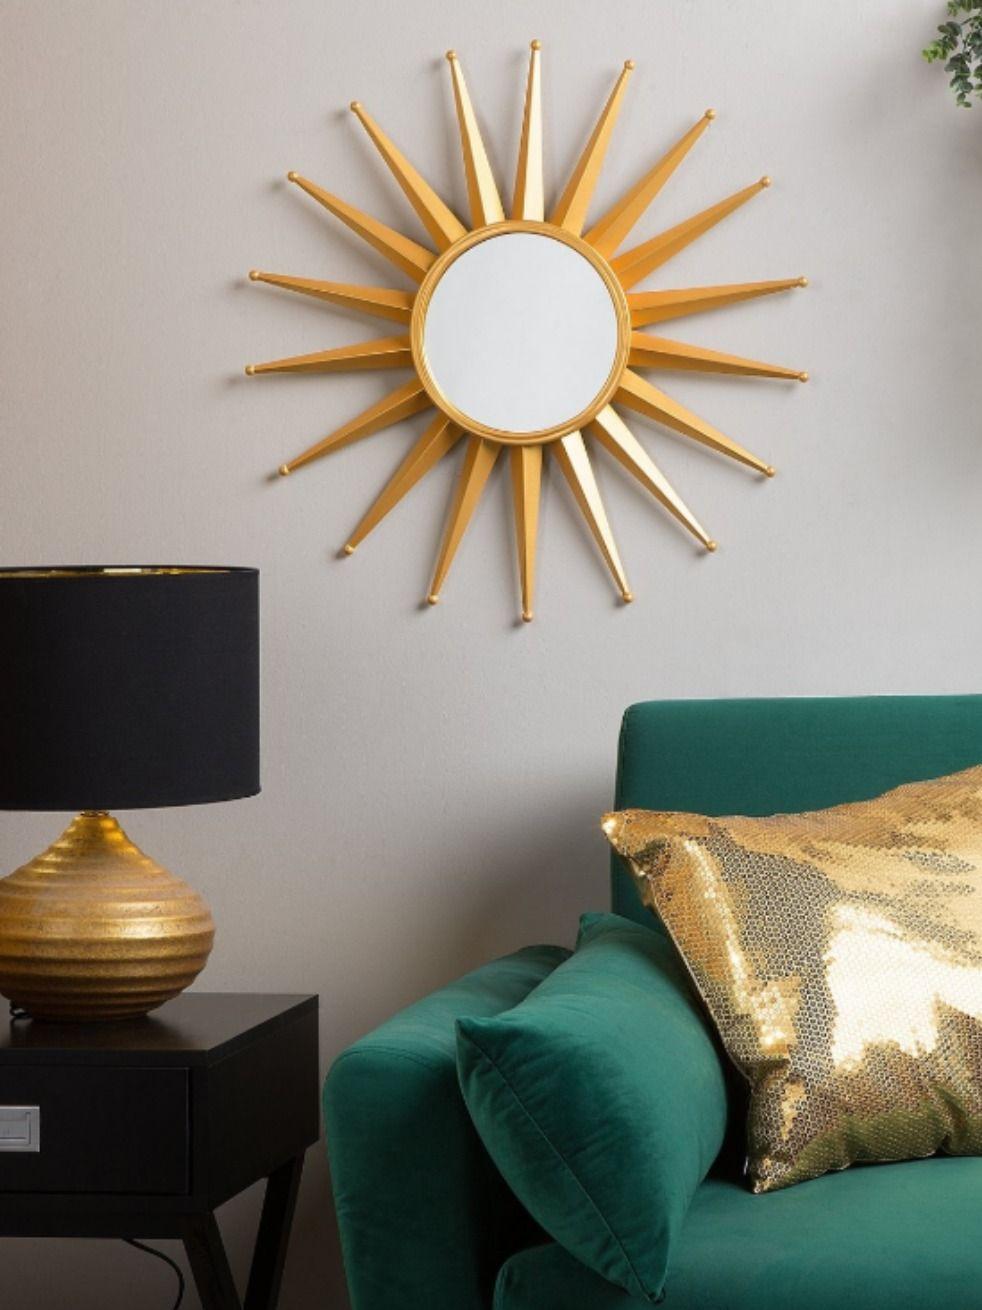 Wandspiegel Gold Sonnenoptik O60 Cm Perelli Mit Bildern